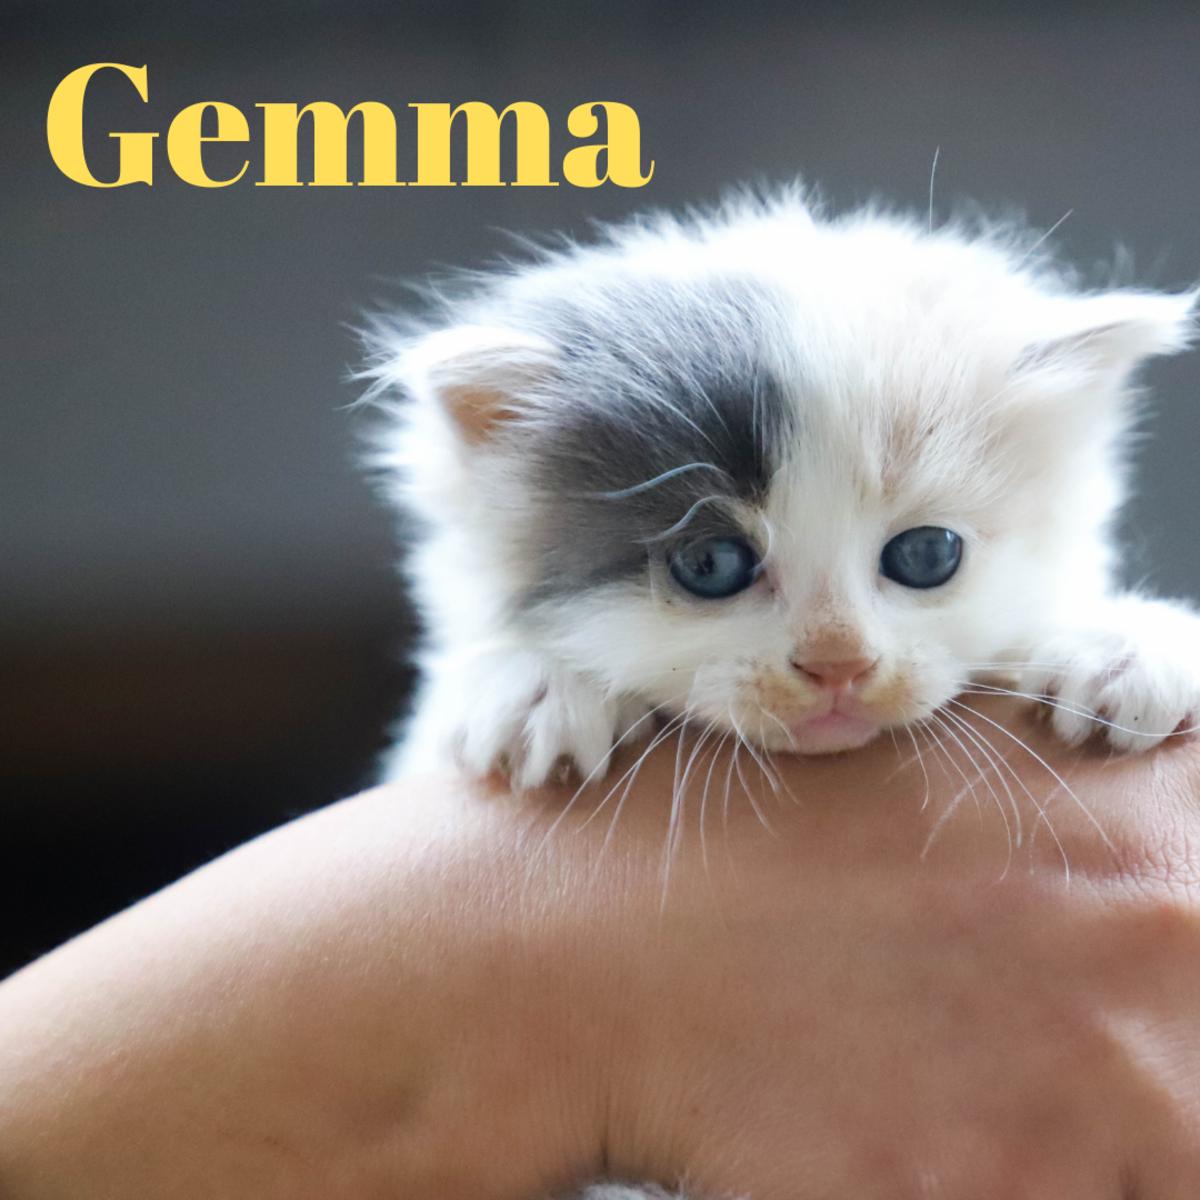 A kitten named Gemma